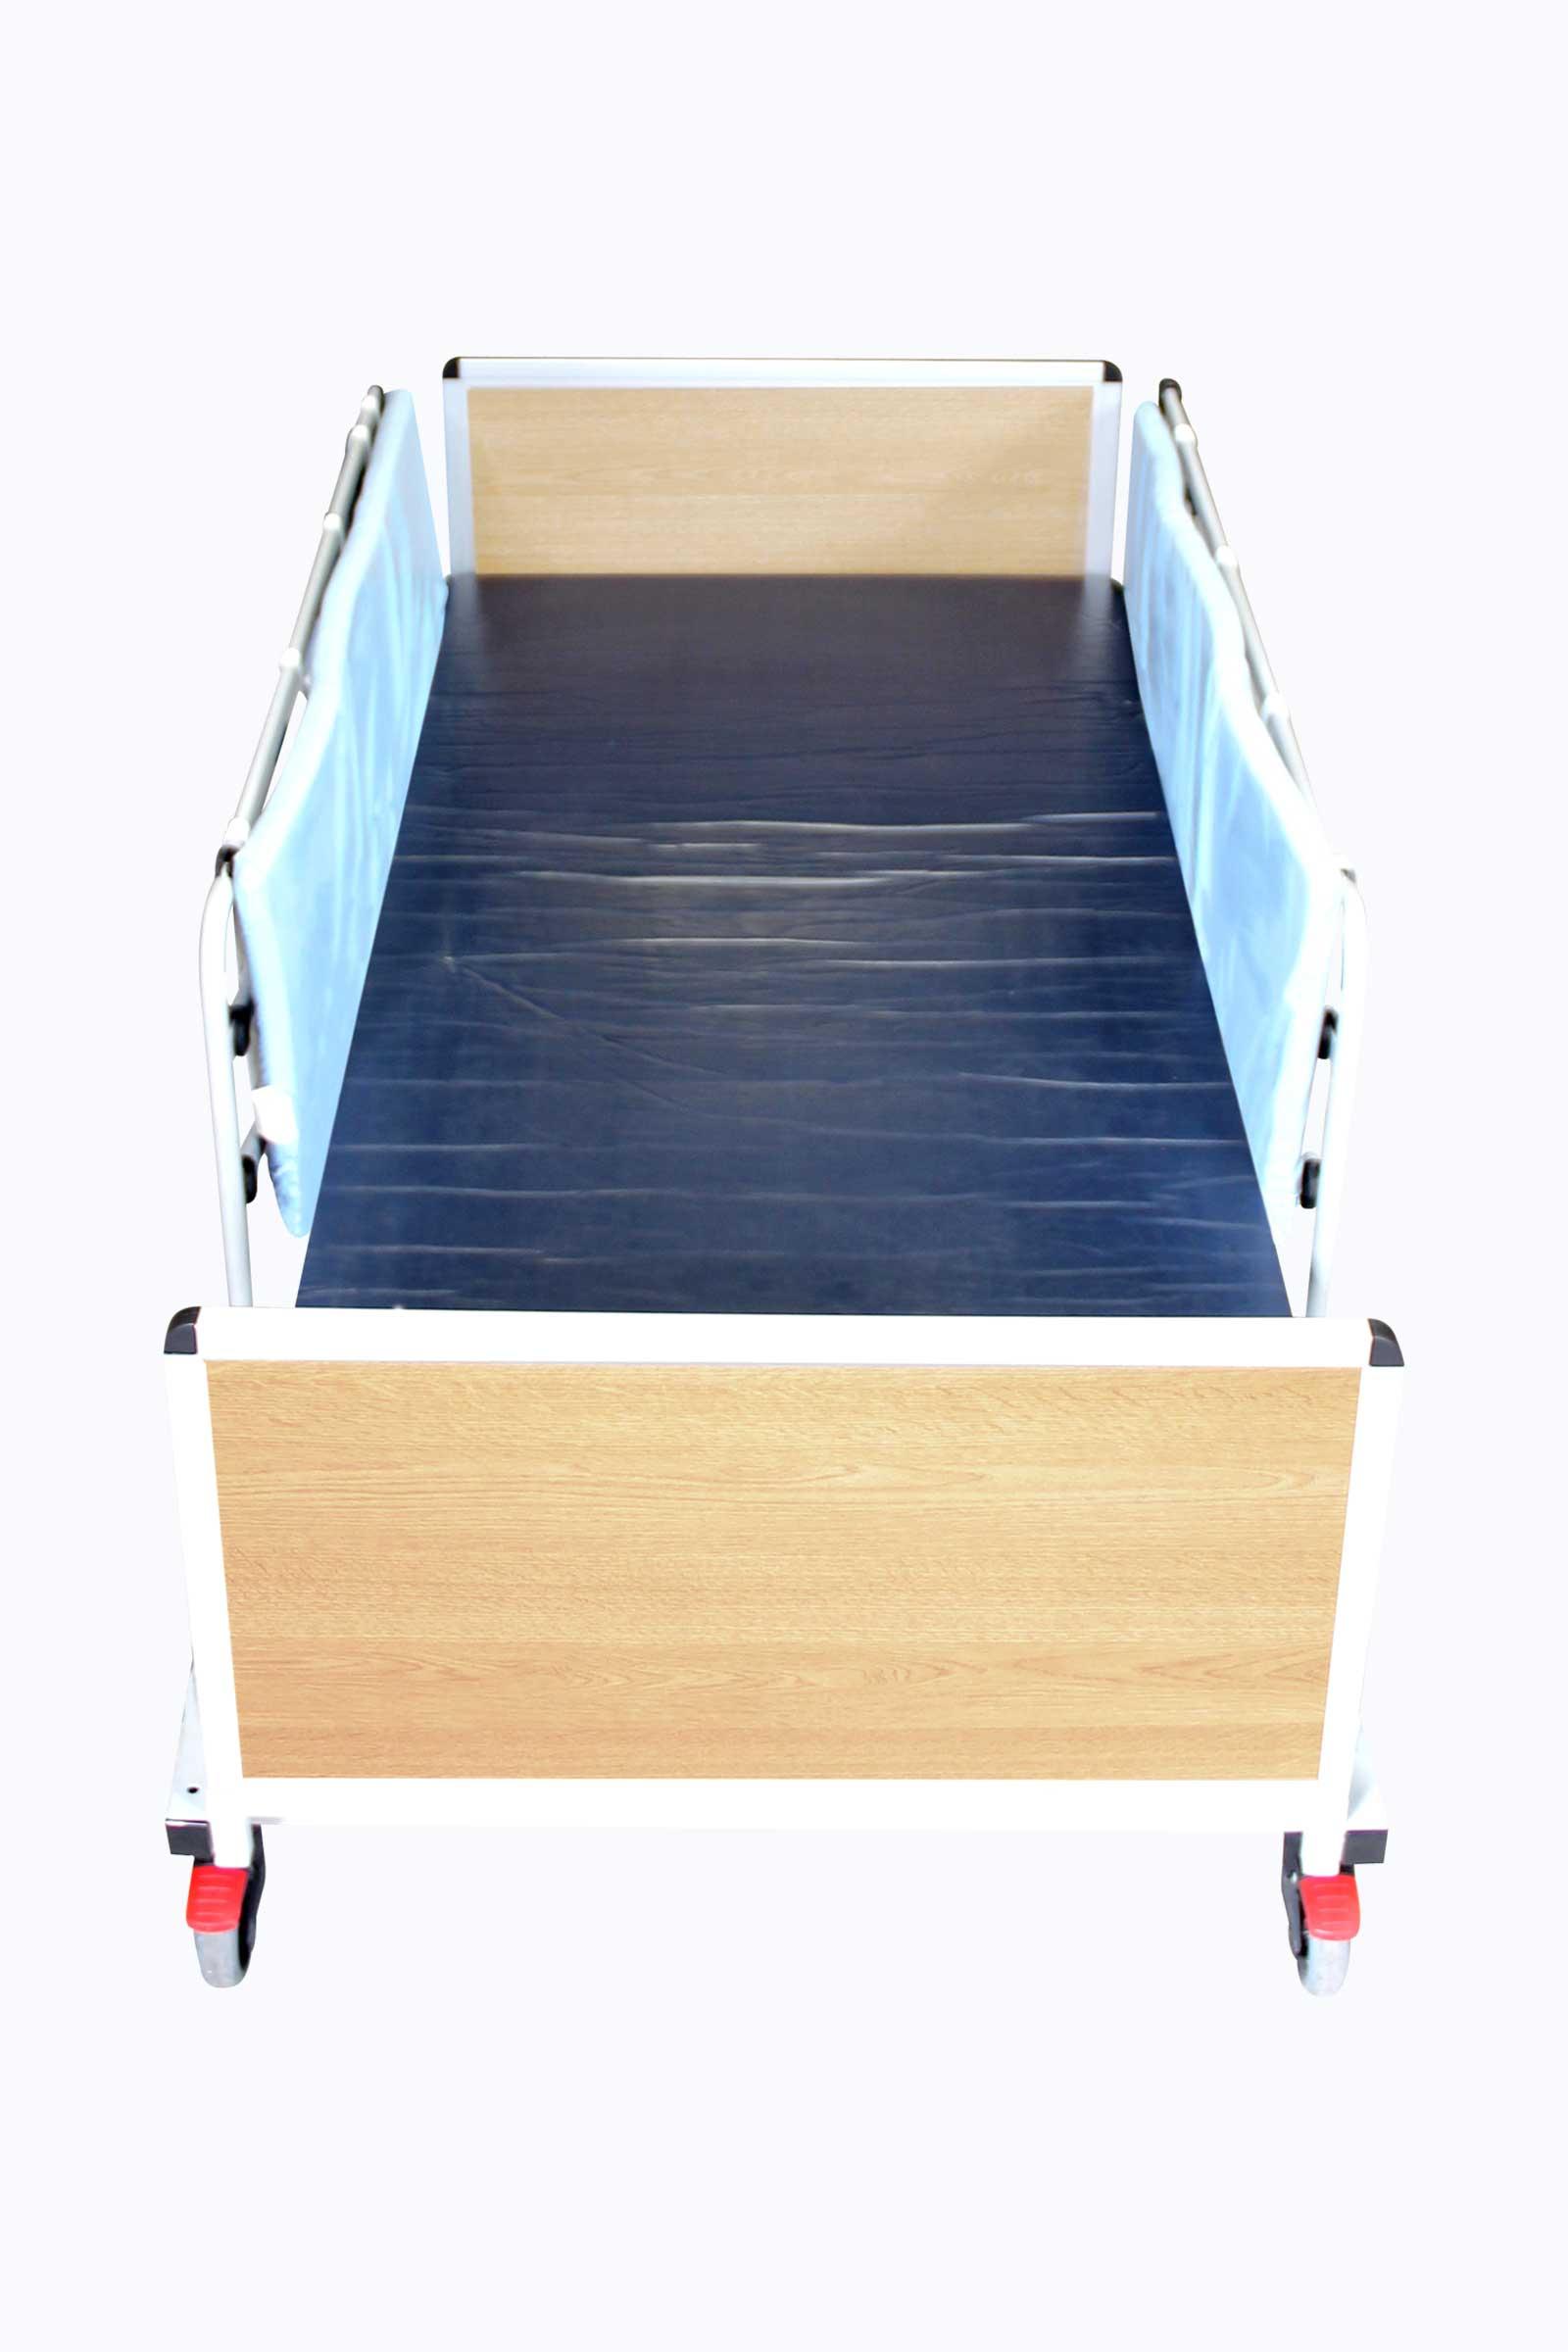 protections de barri res de lit accessoires de lit nausicaa m dical. Black Bedroom Furniture Sets. Home Design Ideas